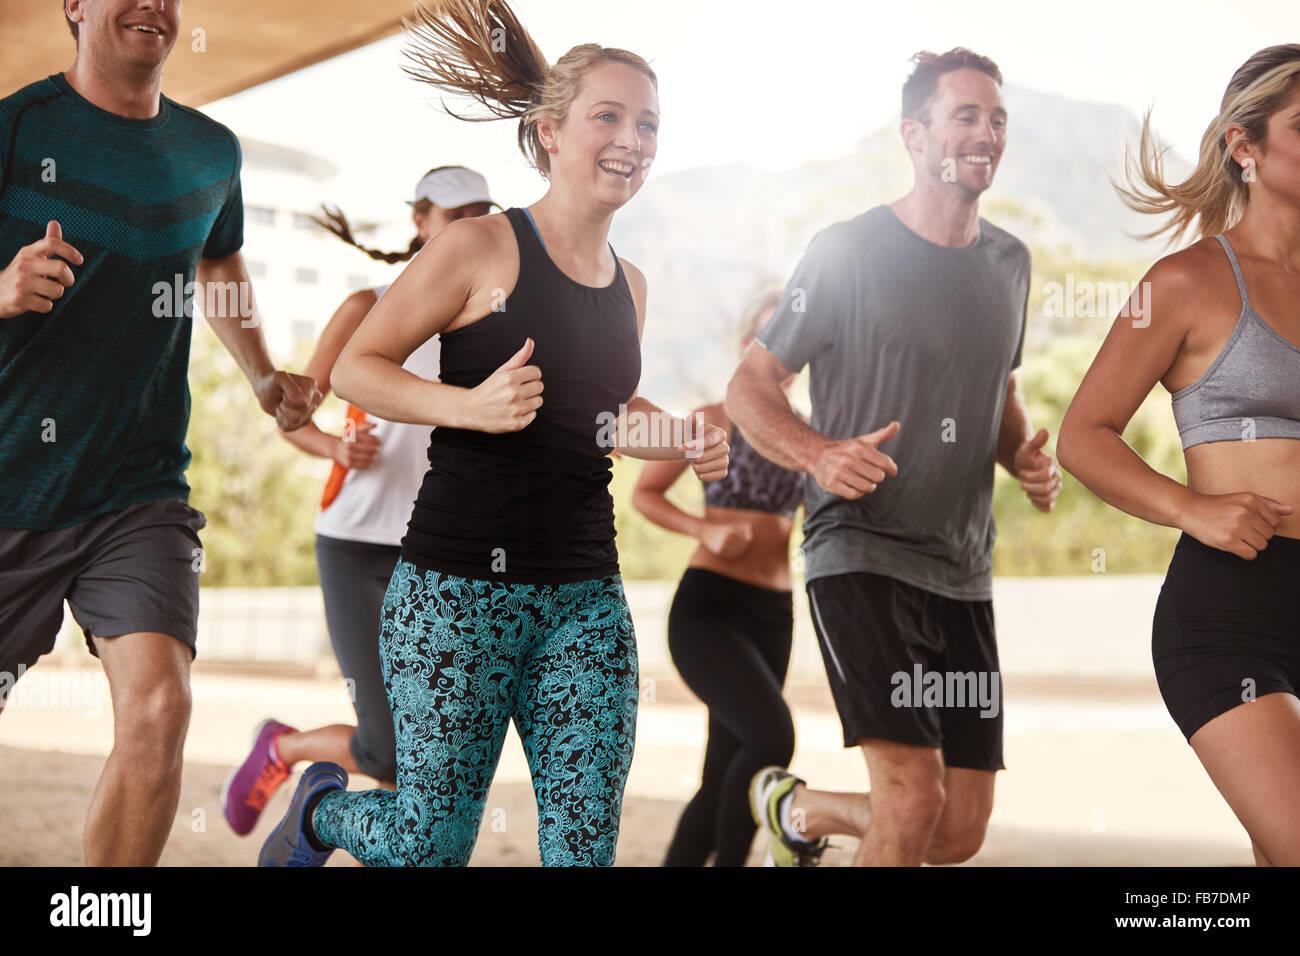 Gruppe von glücklichen jungen Freunden zusammen laufen. Club-Mitglieder Ausübung ausgeführt. Stockbild